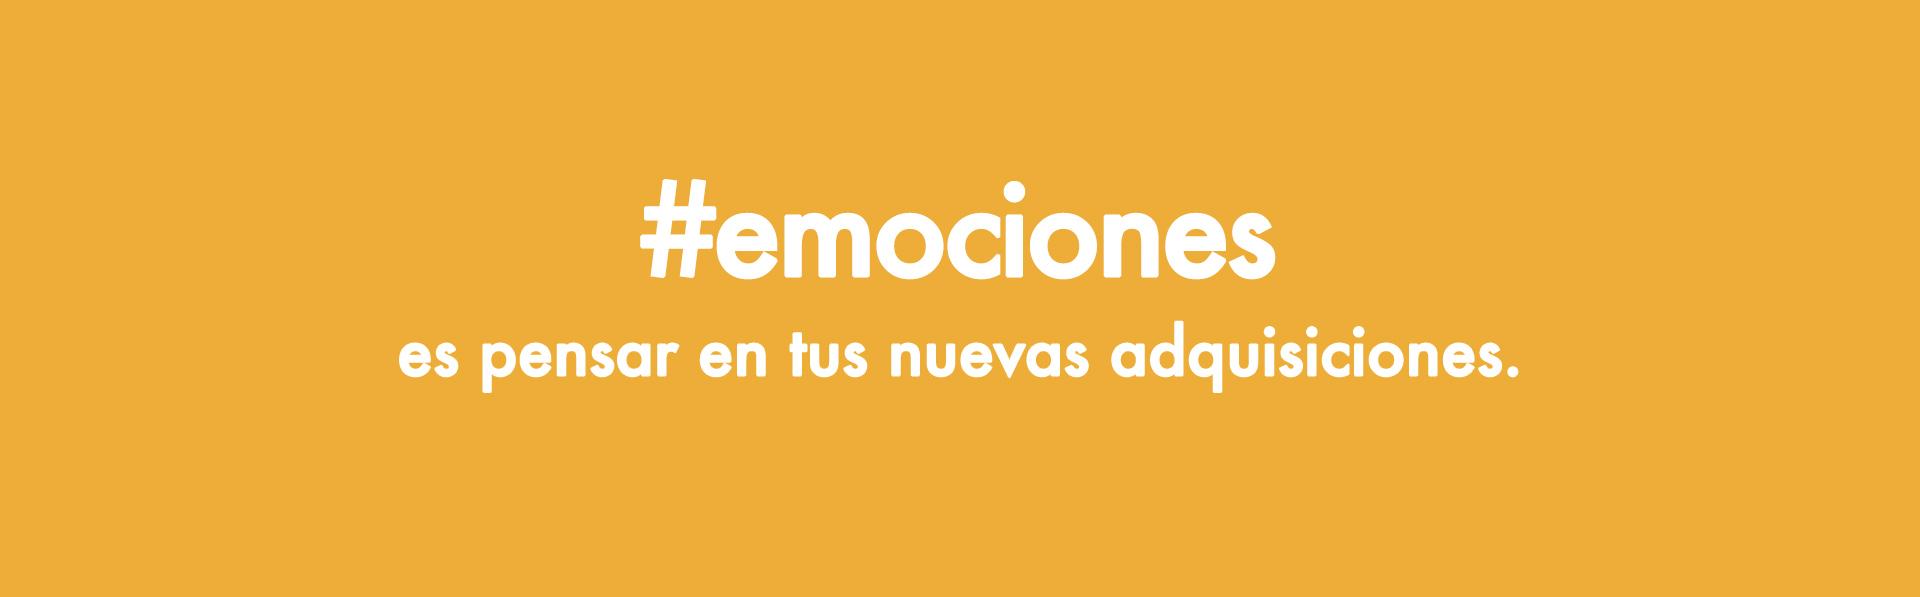 banner-emociones